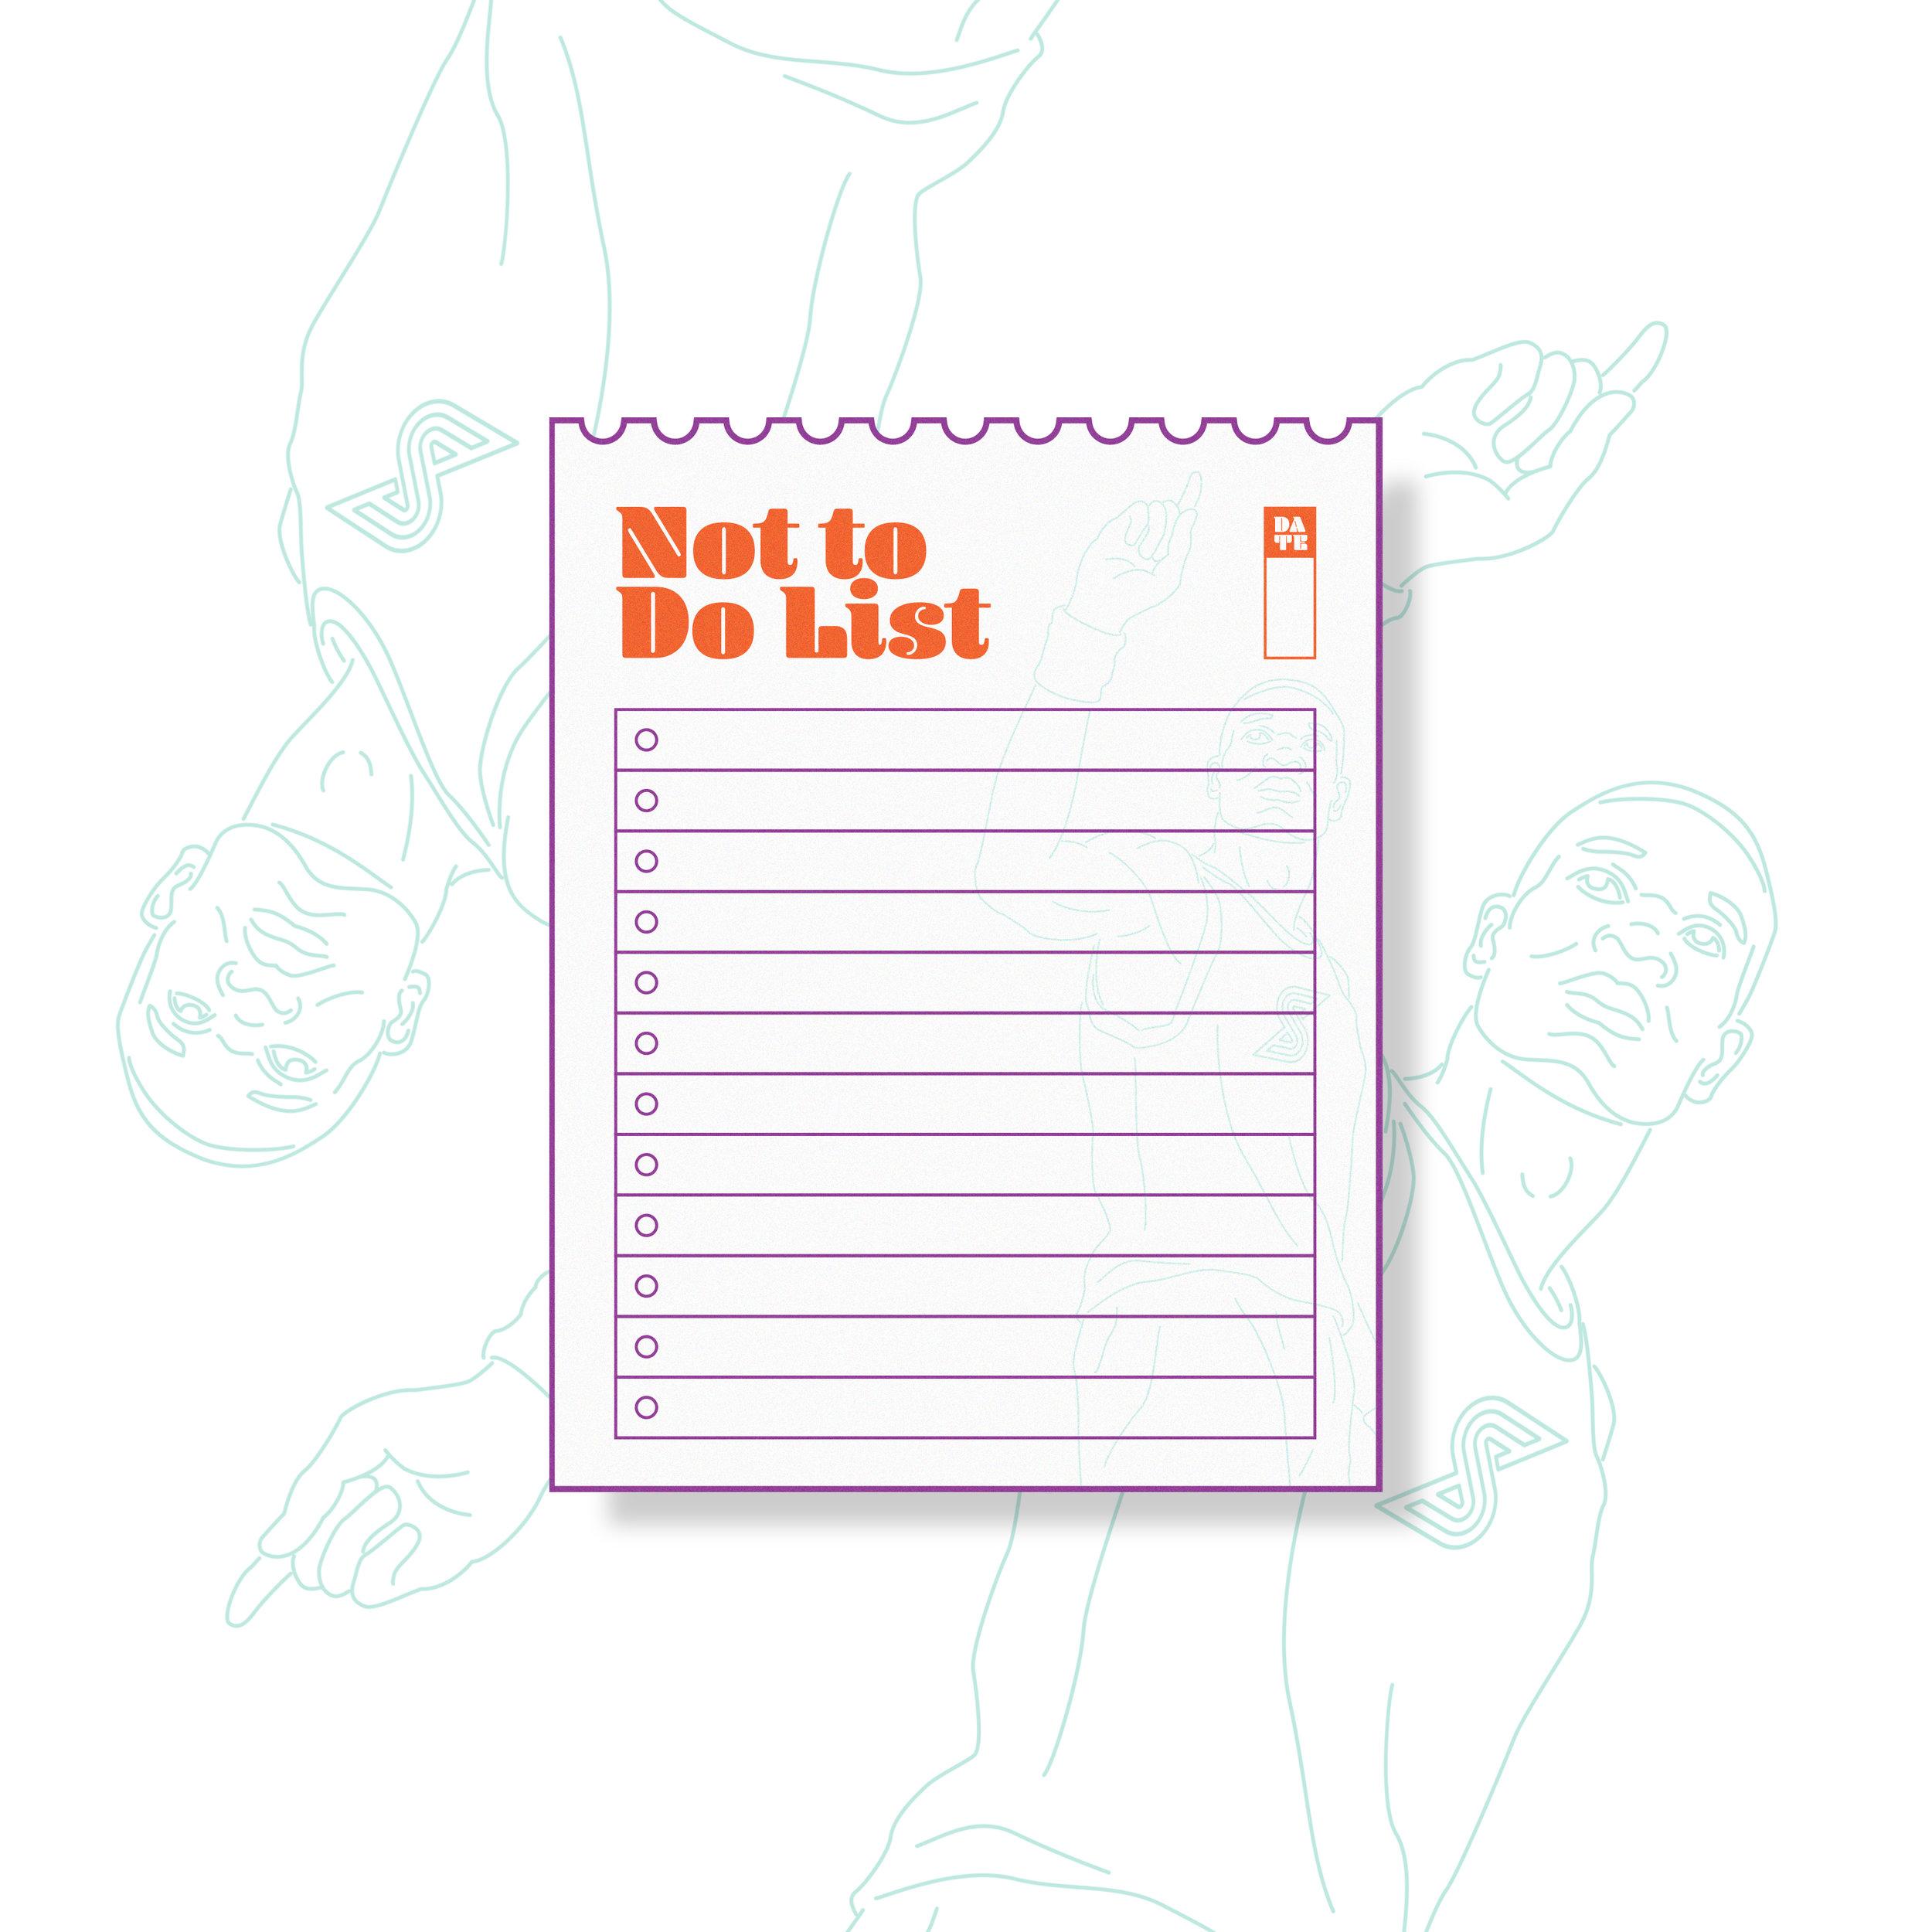 mock-not-to-do-list.jpg